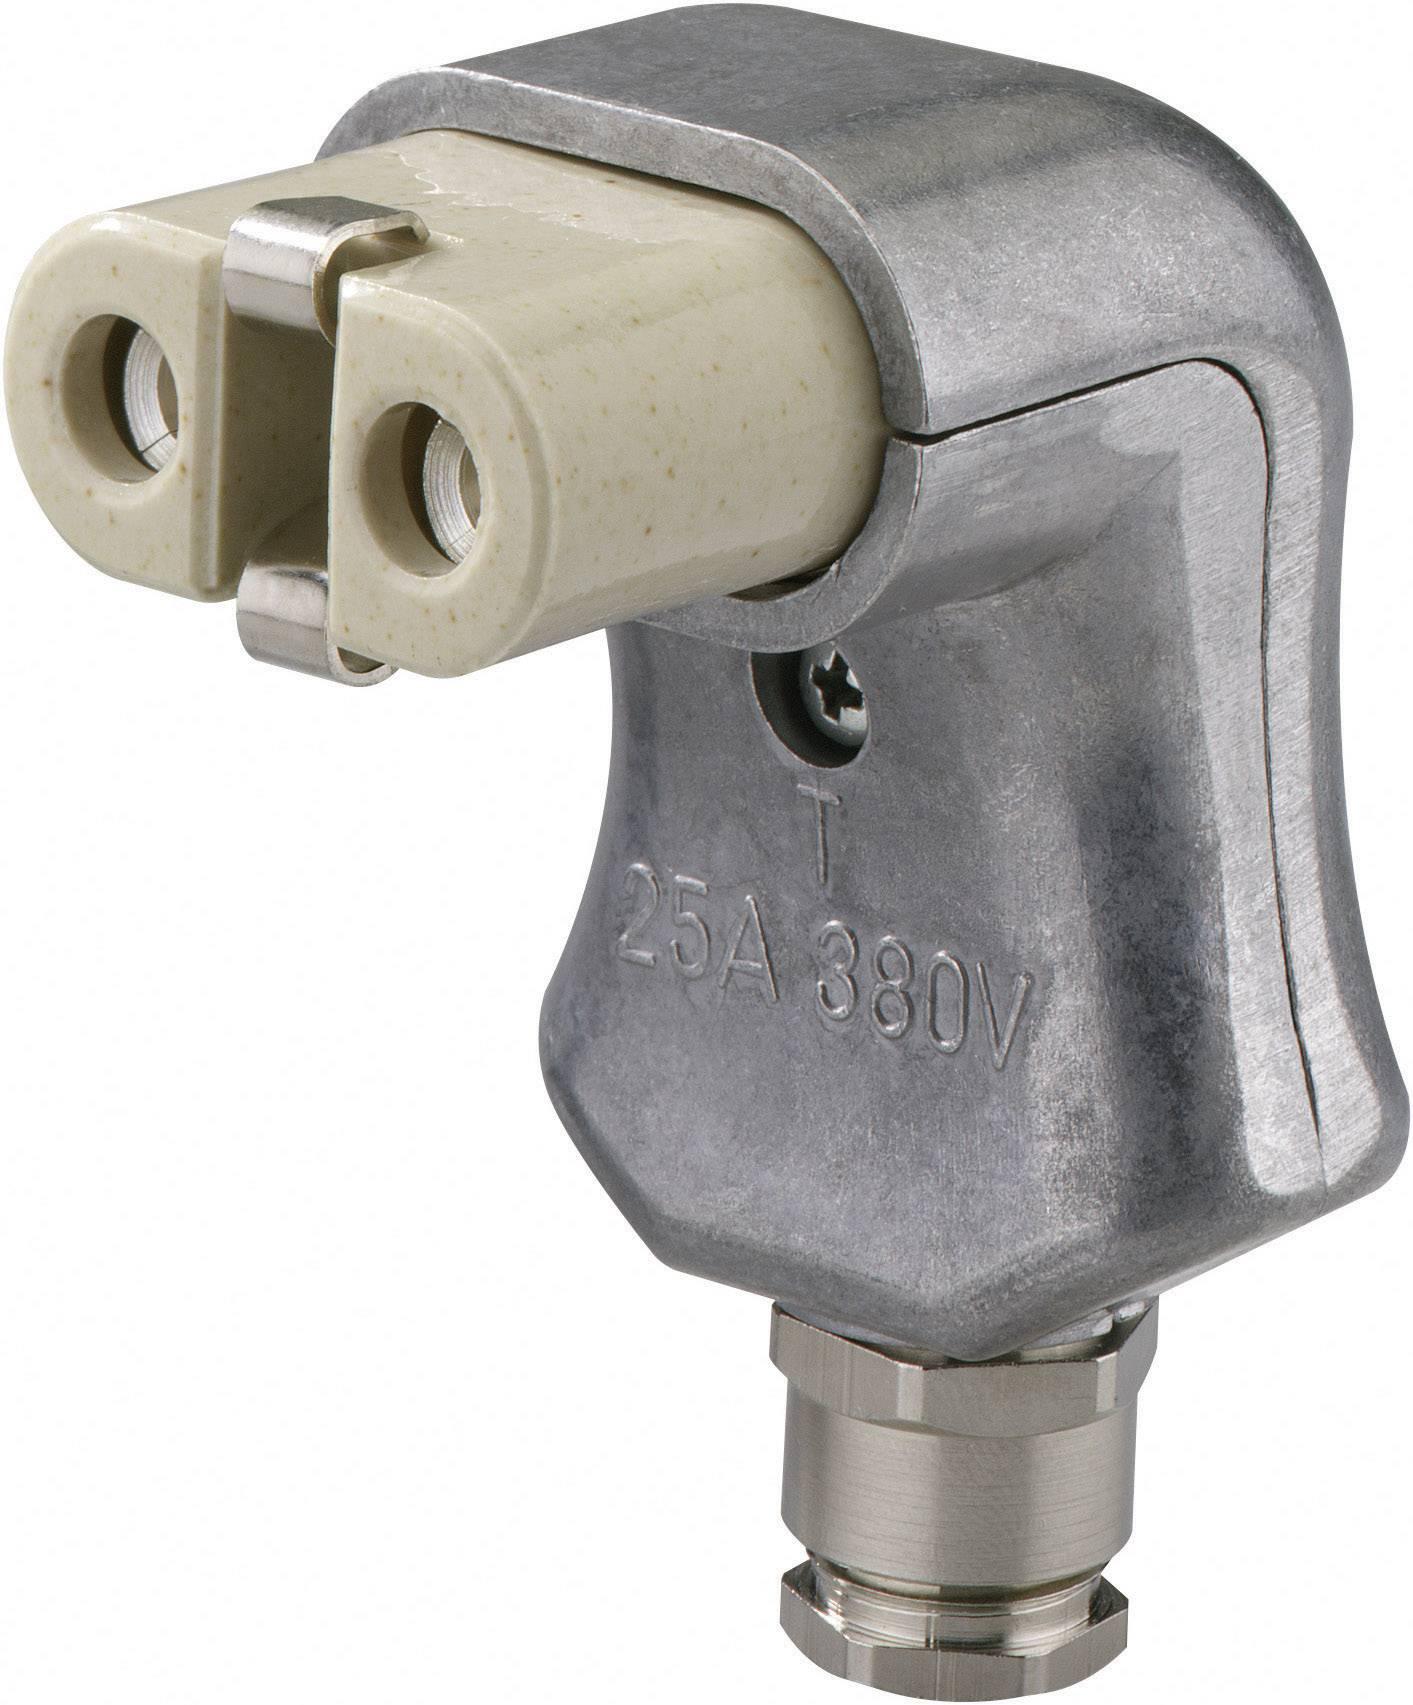 Úlová síťová IEC zásuvka Kalthoff 344K/A/PGWi, 250 V, 16 A, hliník, 840014